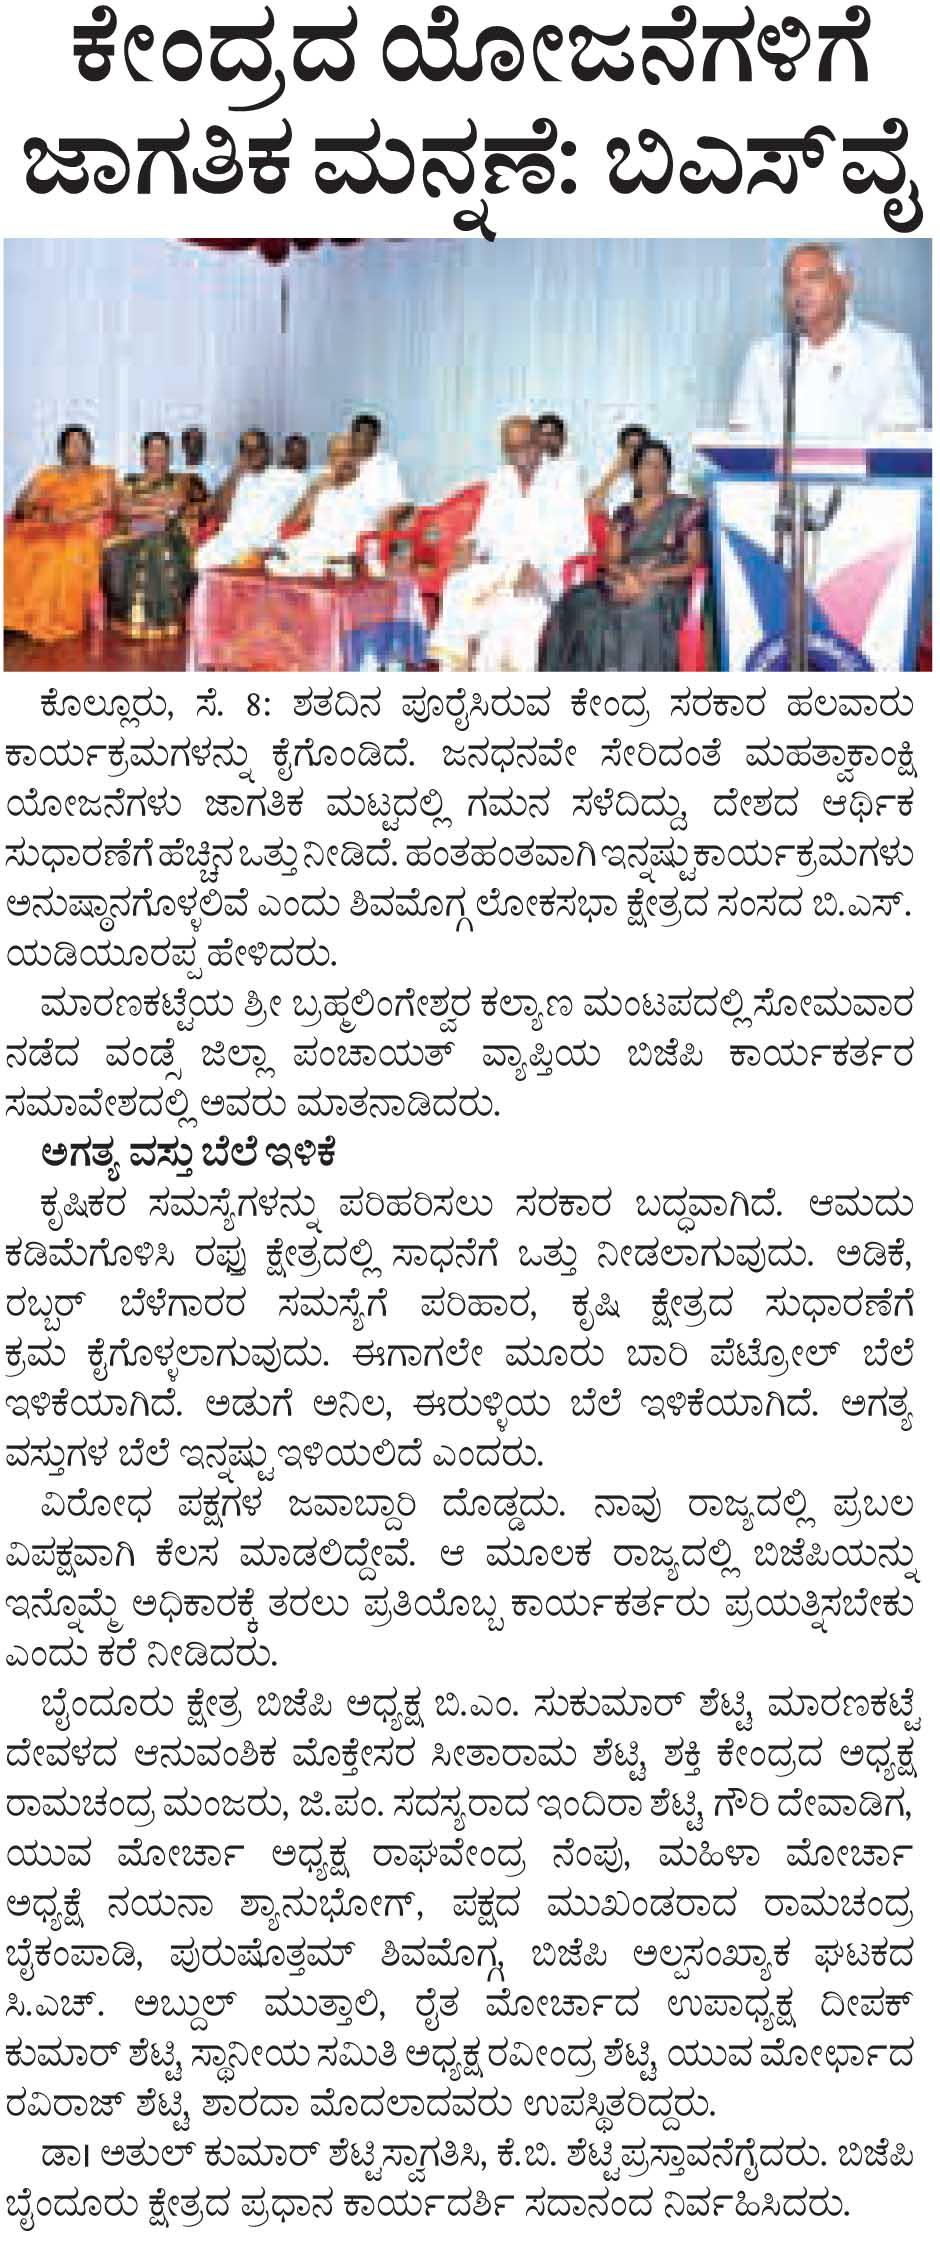 ಉದಯವಾಣಿ 09-09-2014, ಪುಟ 8